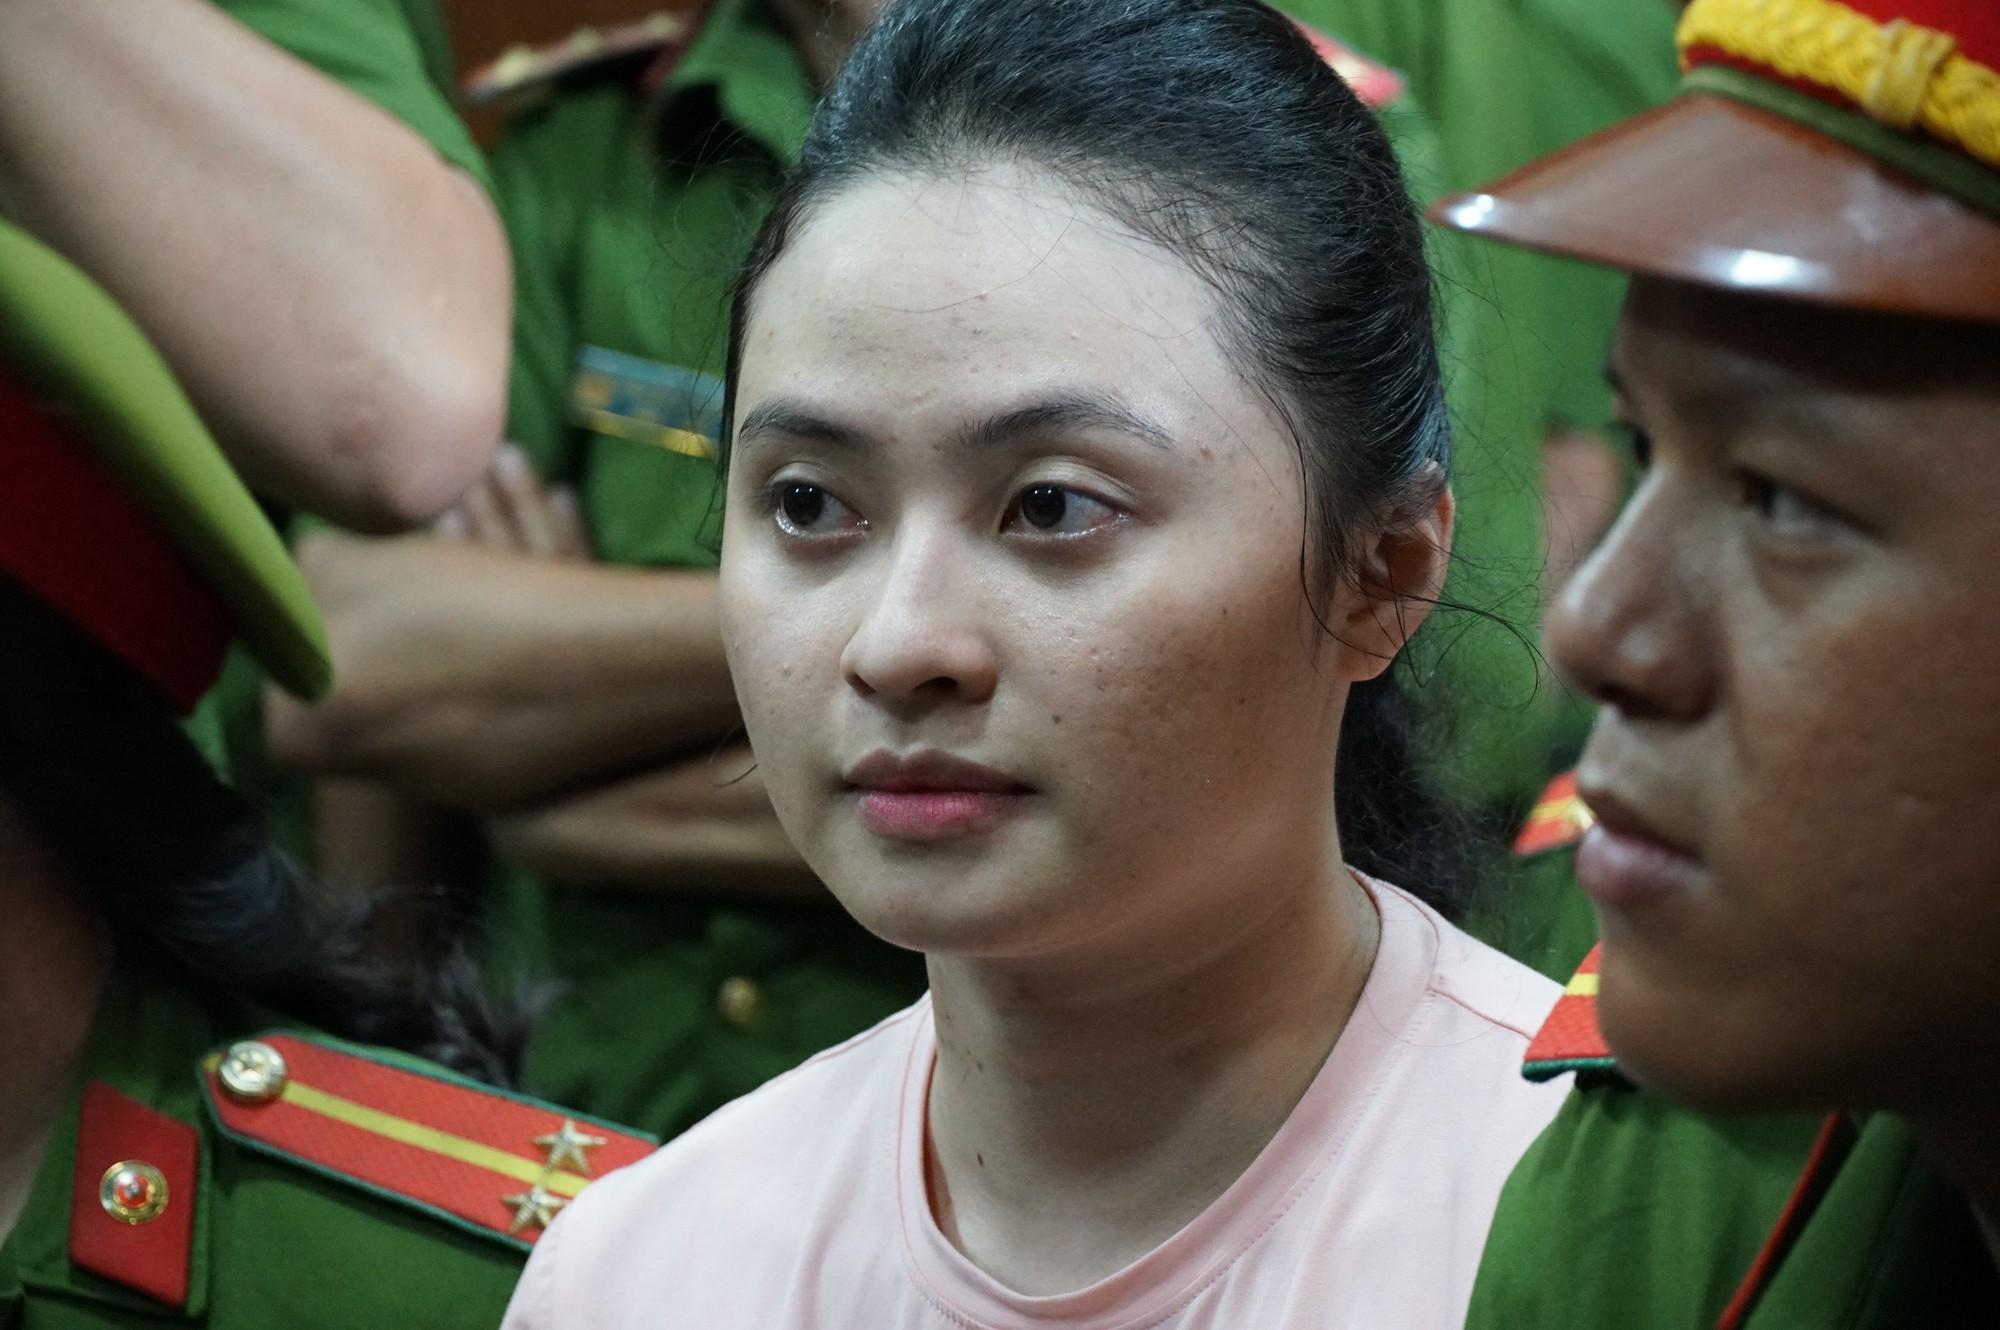 Trả hồ sơ vụ Văn Kính Dương: Người bật khóc, người vui mừng vì chưa phải chứng kiến cảnh con bị tuyên án tử - Ảnh 2.